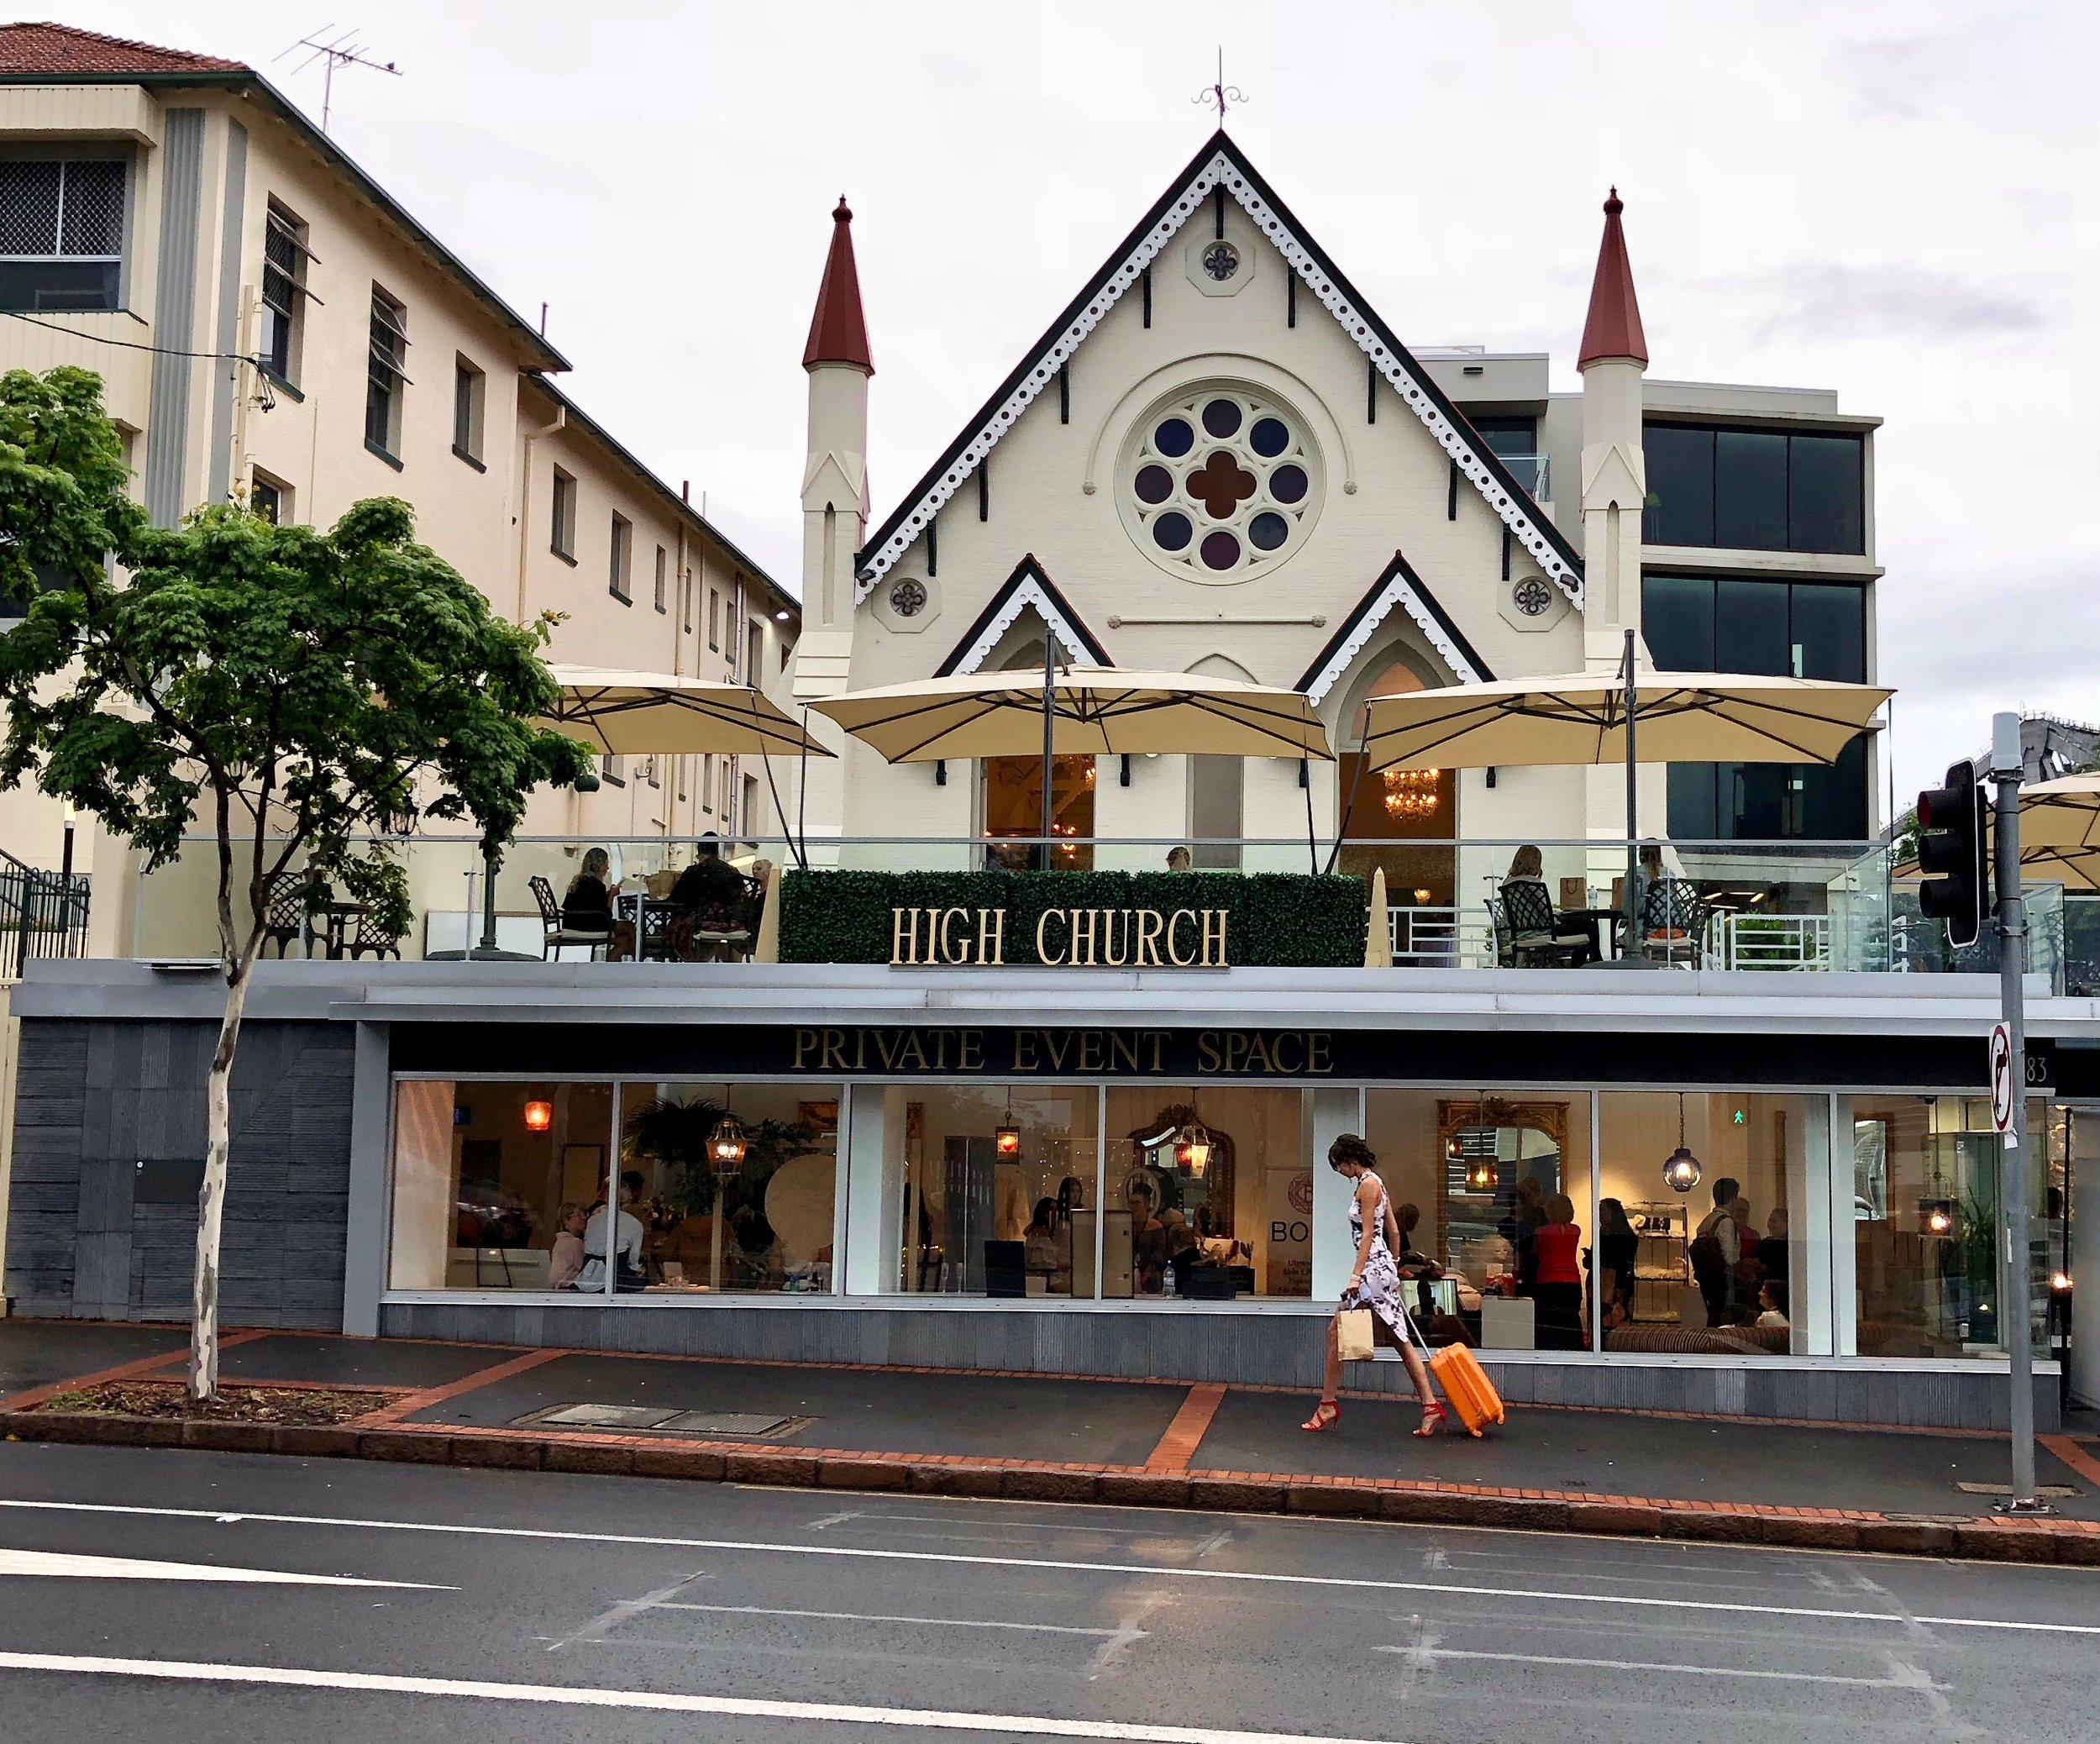 High Church Event Wedding Venue Brisbane Bridal Forum Wedding Fair Fashion Show Industry Panel Wedding Trends Inspiration www.thebridalforum.com.au